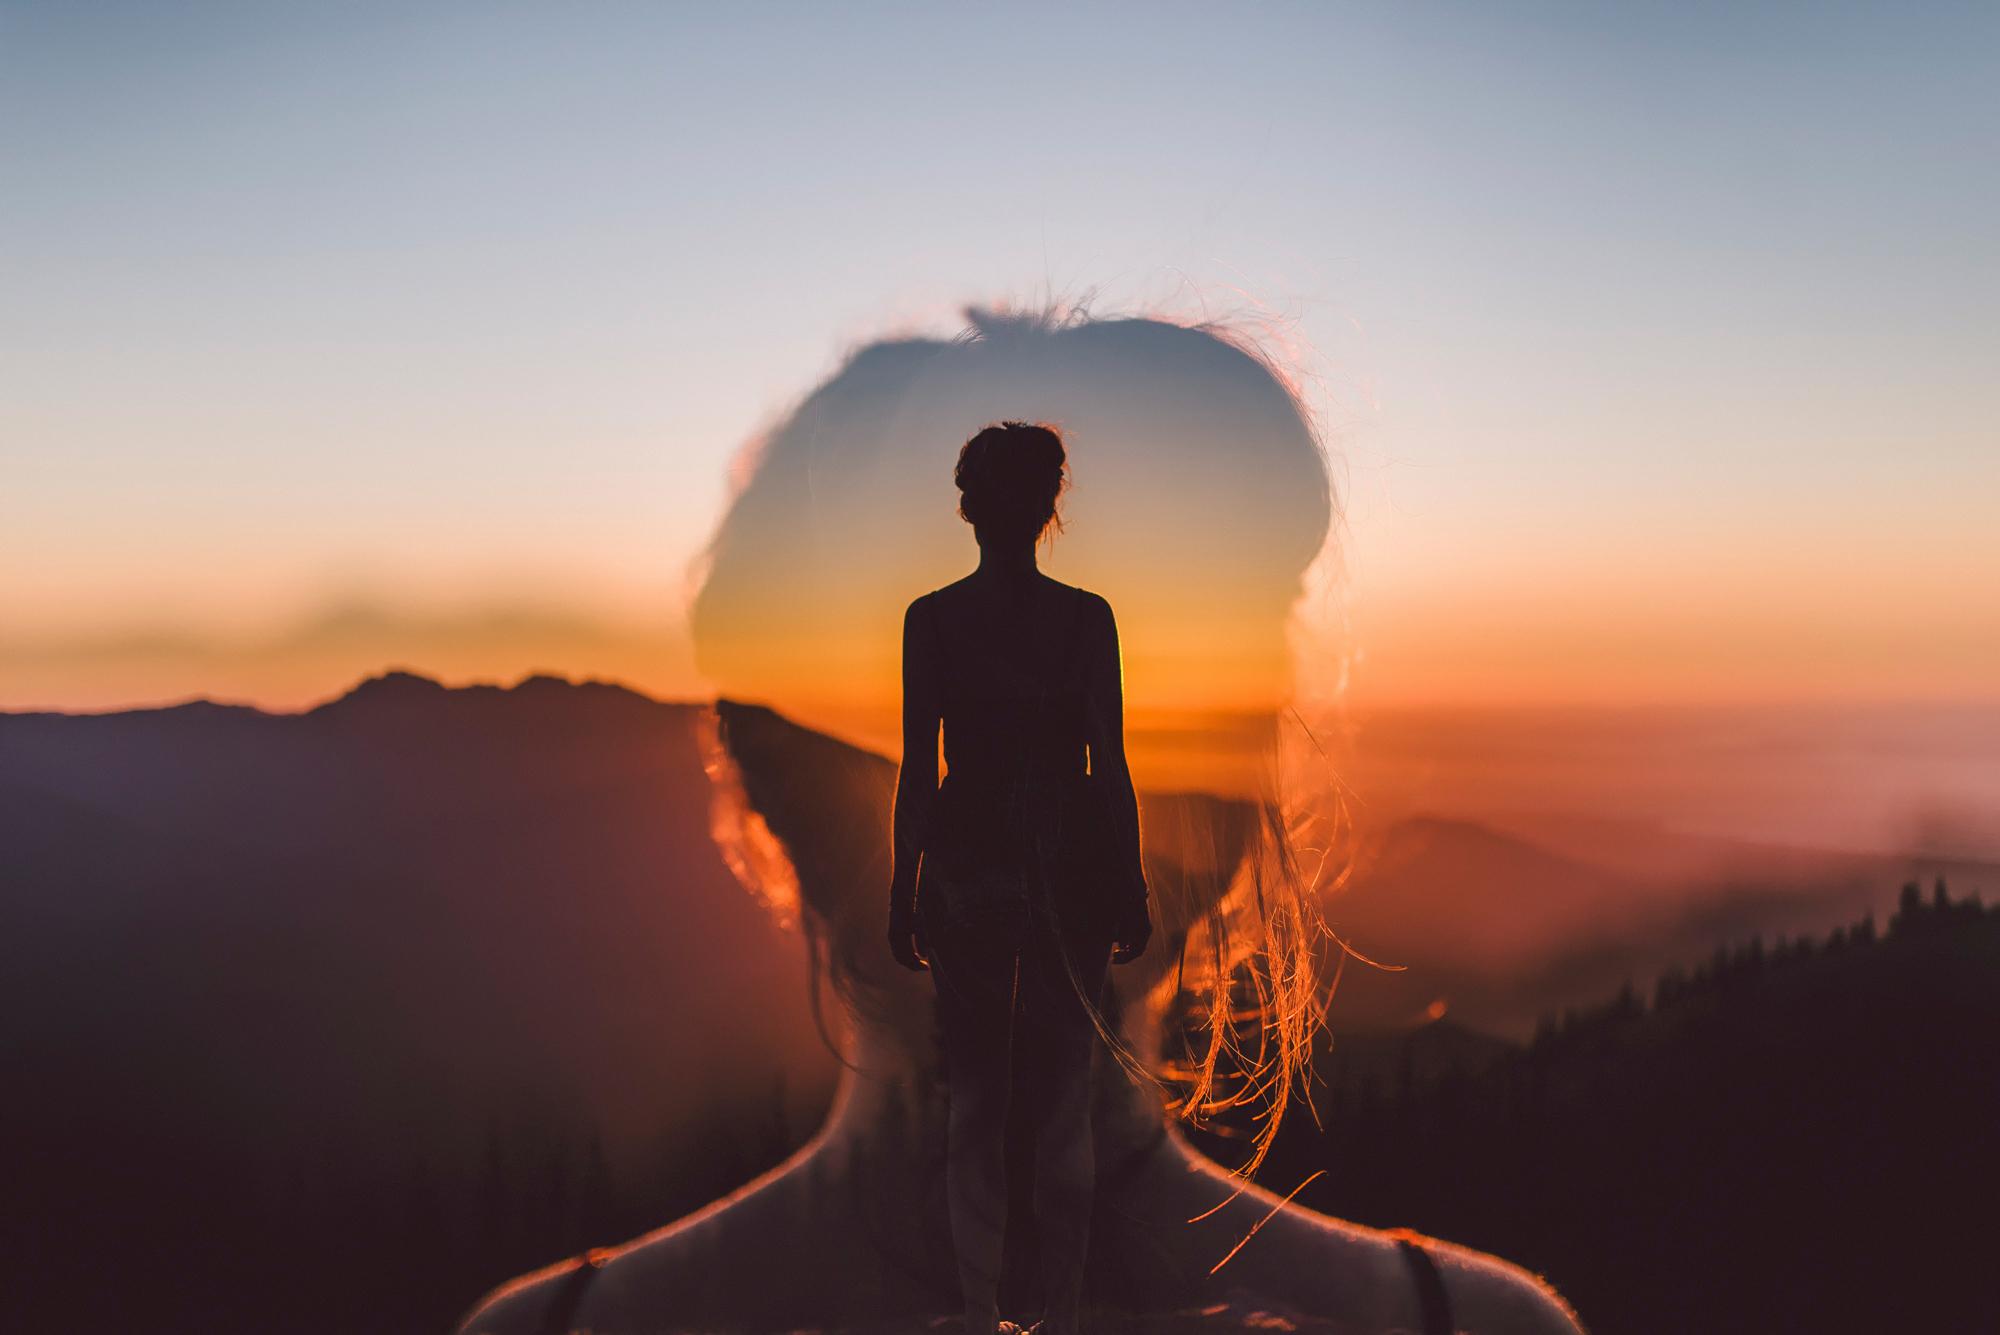 прекрасна картинки состояние души человека стюарт один